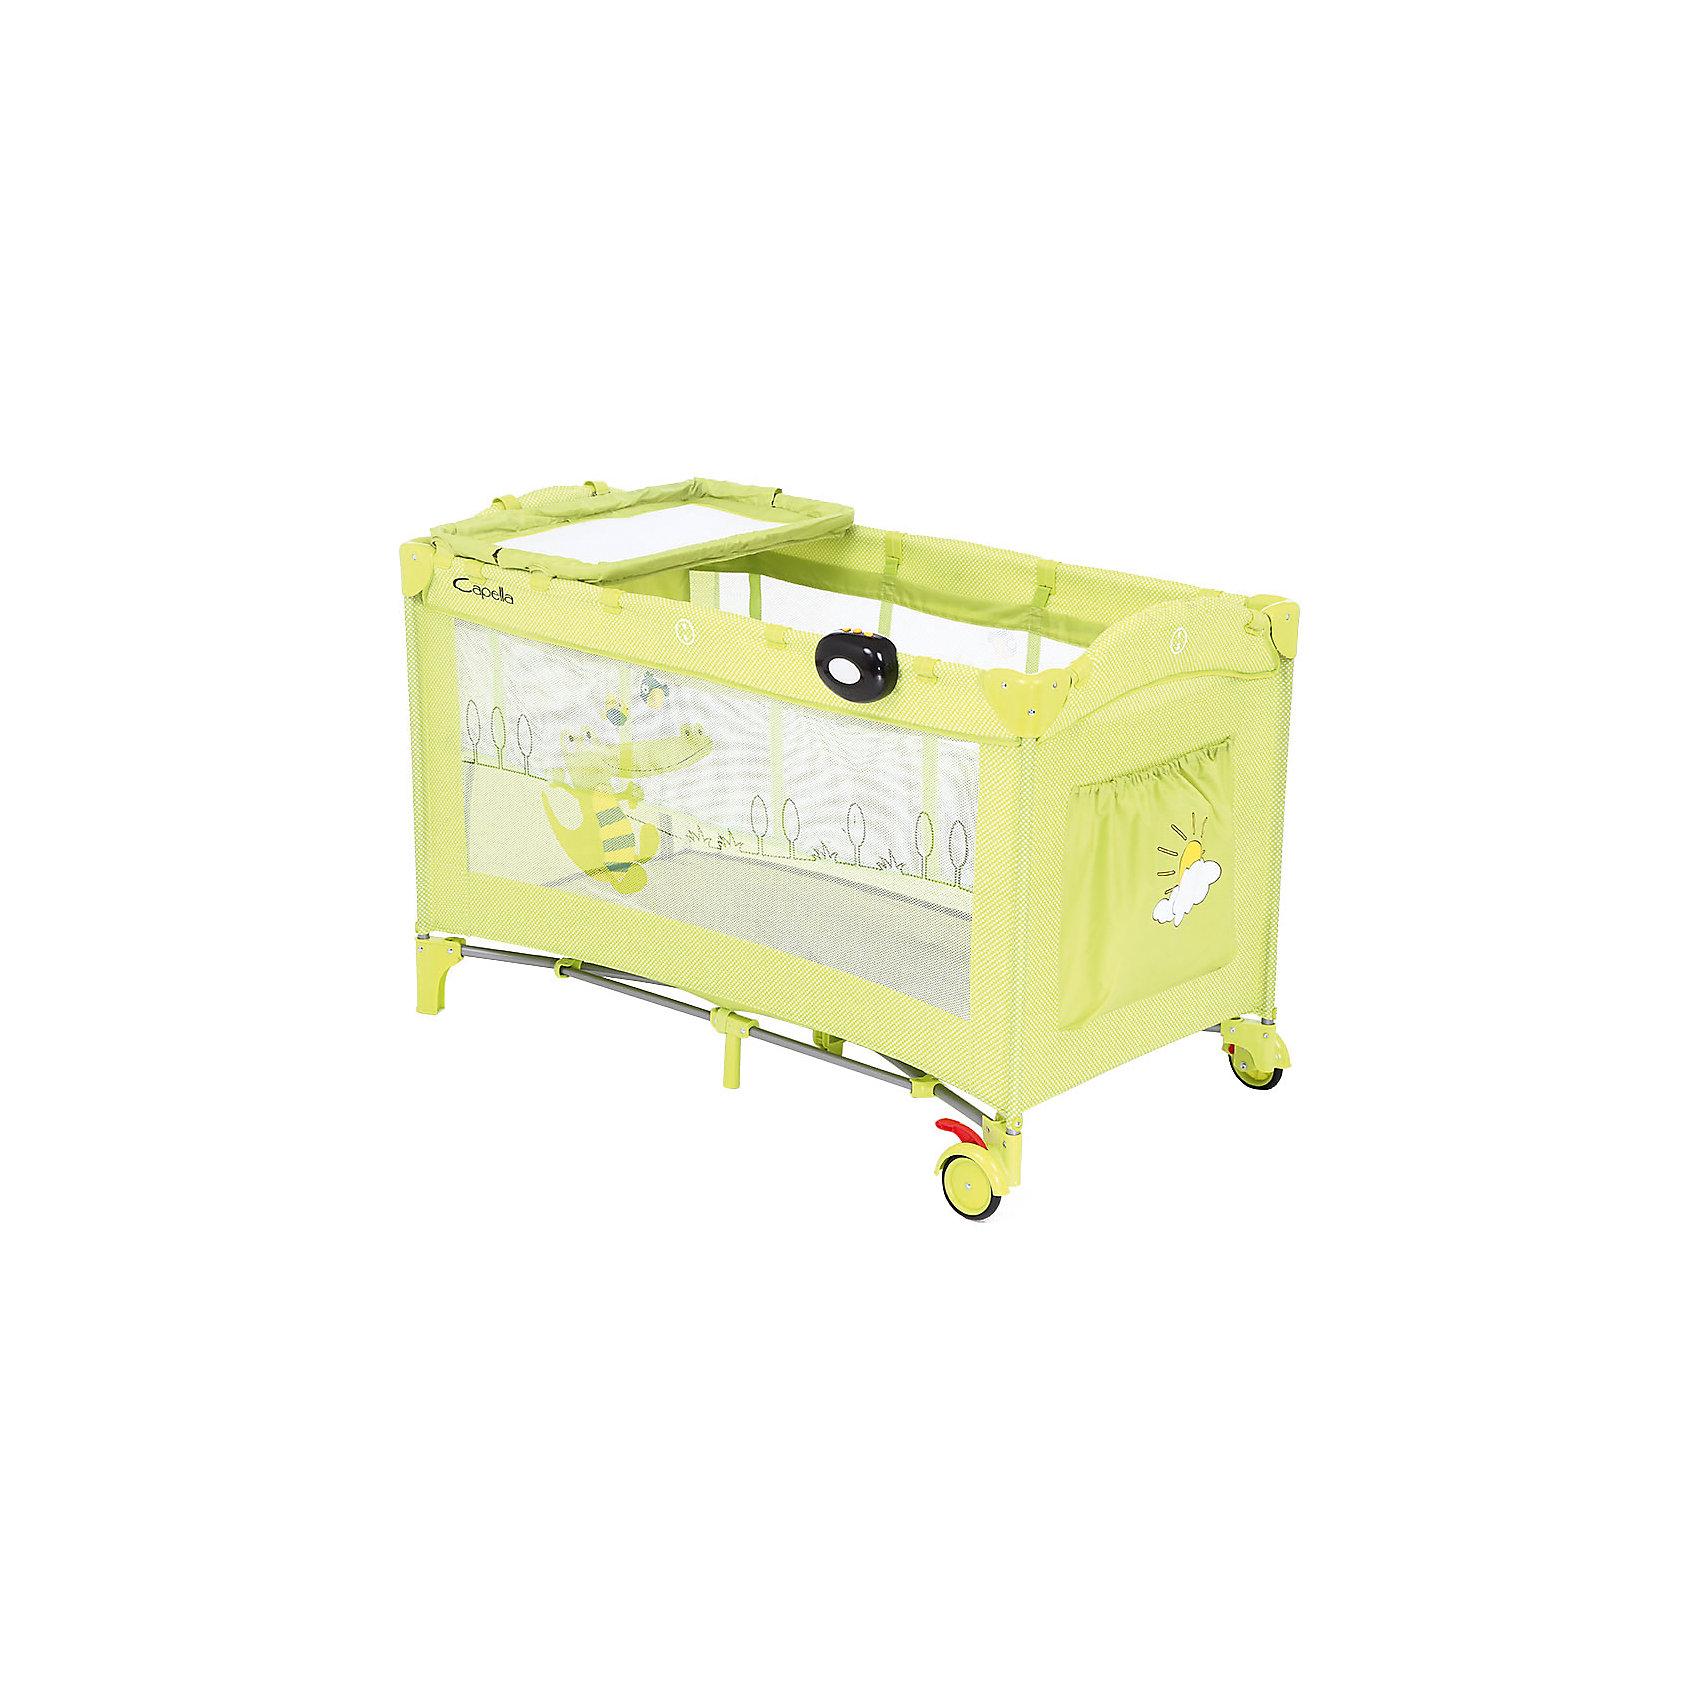 Манеж-кровать SWEET TIME, CROCODILE, Capella, зеленыйМанеж-кровать - прекрасный вариант для малышей и их родителей! Модель выполнена из безопасных гипоаллергенных материалов, стенки изготовлены из сетки, которая прекрасно пропускает воздух и защищает детей от насекомых.  Имеет надежный алюминиевый каркас, двойное дно, колесики  для удобства передвижения, пеленальный столик, карман для игрушек, боковое окошко на молнии, музыкальный блок с успокаивающими мелодиями. Модель можно использовать в качестве спального места или игровой зоны. <br><br>Дополнительная информация:<br><br>- Материал: металл, ПЭ, текстиль, пластик.<br>- Покрытие легко моется.<br>- Размер: 126 х 66 х 62<br>- Вес: 11 кг.<br>- Цвет: зеленый.<br>- Пеленальный столик<br>- Колесики.<br>- Окошко на молнии.<br>- Удобный боковой карман для игрушек.<br>- Музыкальный, вибро-блок.<br>- 2 уровня высоты.<br><br>Манеж-кровать Capella Sweet time Crocodile, зеленый , можно купить в нашем магазине.<br><br>Ширина мм: 250<br>Глубина мм: 210<br>Высота мм: 790<br>Вес г: 10650<br>Возраст от месяцев: 0<br>Возраст до месяцев: 36<br>Пол: Унисекс<br>Возраст: Детский<br>SKU: 4089156